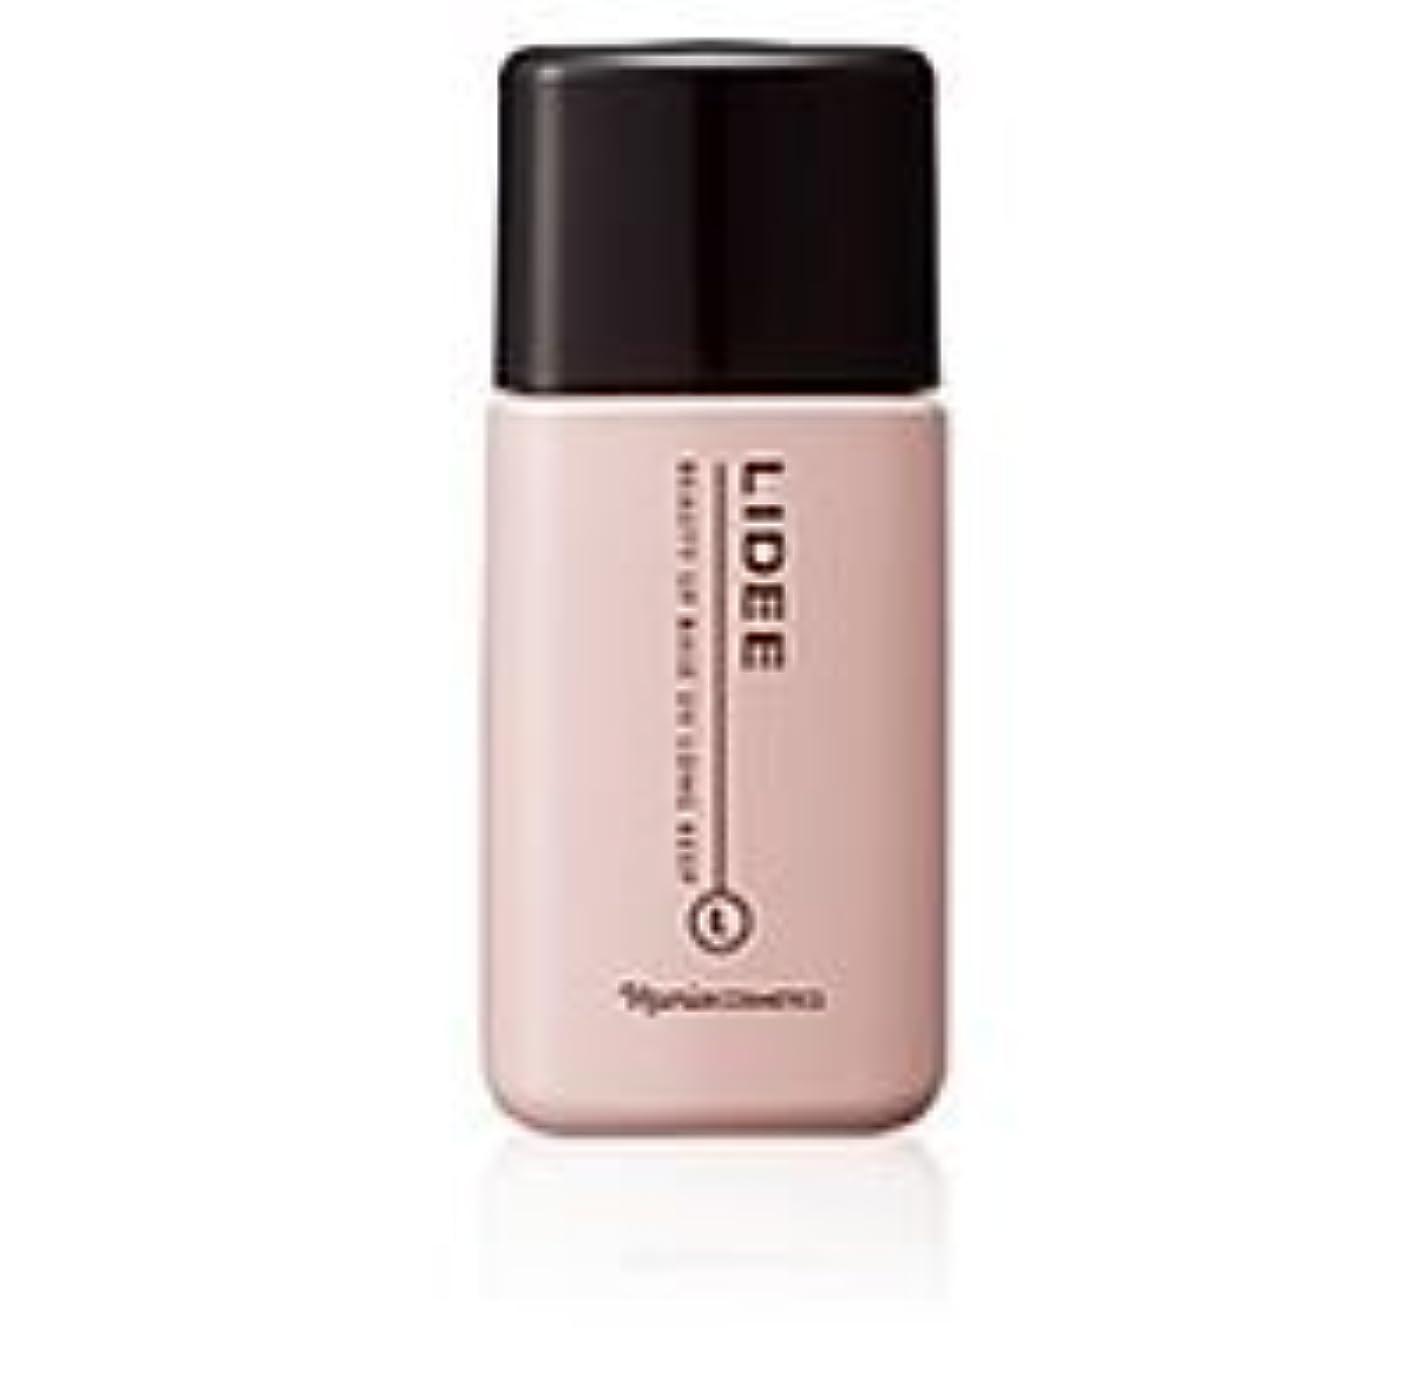 流行で錫ナリス リディ メーキャップ ベース UV ロングキープ (化粧下地) 27ml (ベージュ)